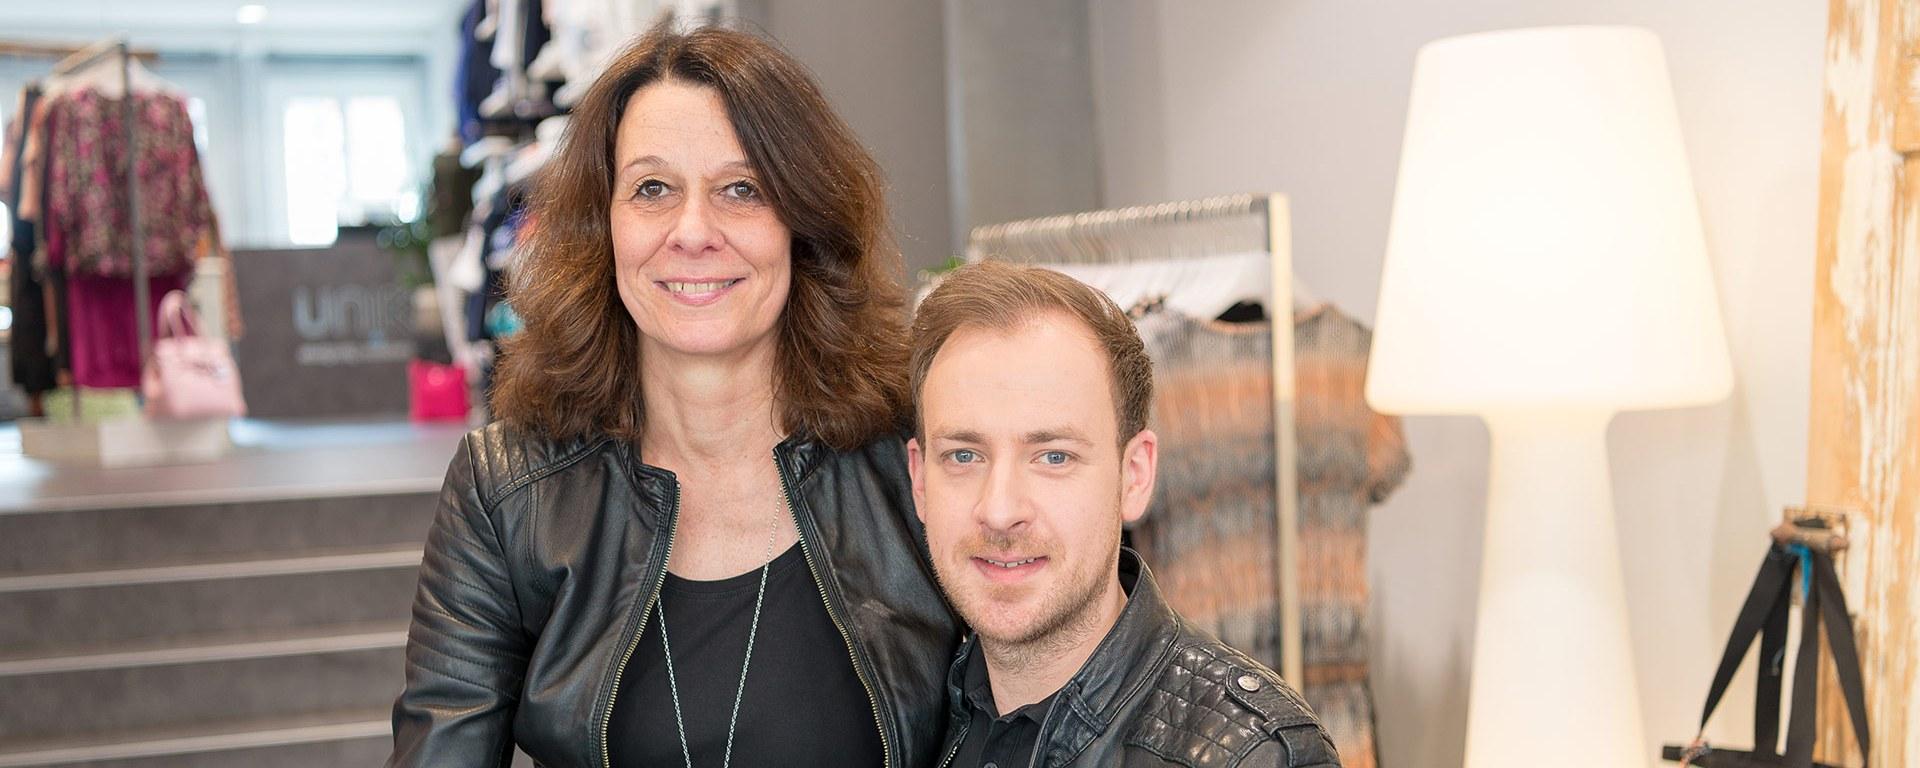 Susann Hesse und Martin Koj von UNIK